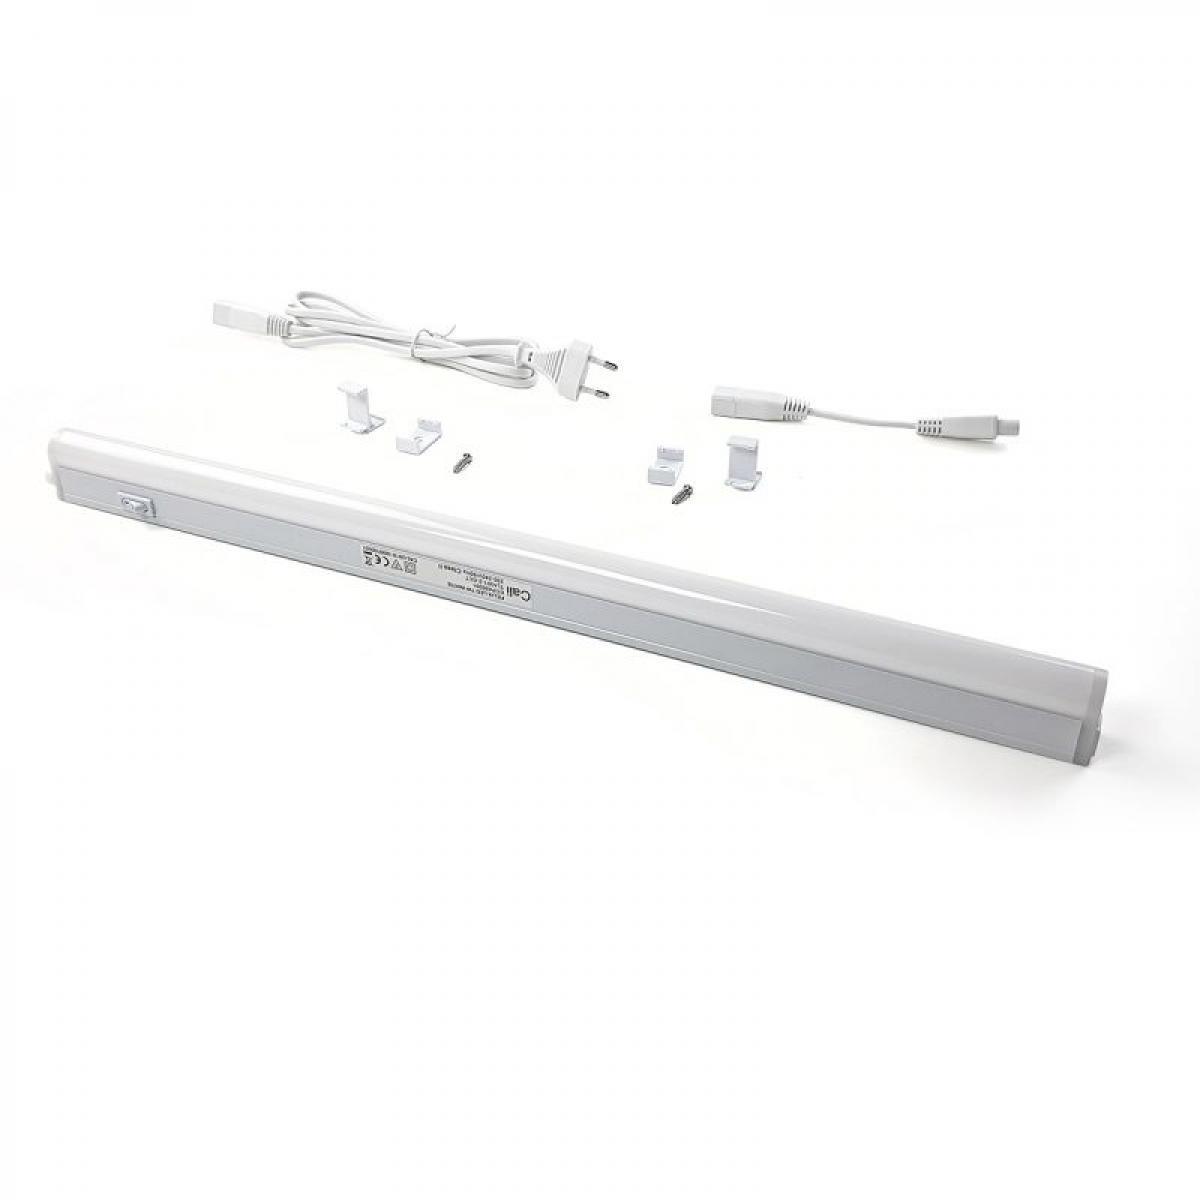 Paris Prix Réglette LED pour Séjour Felix 114cm Blanc